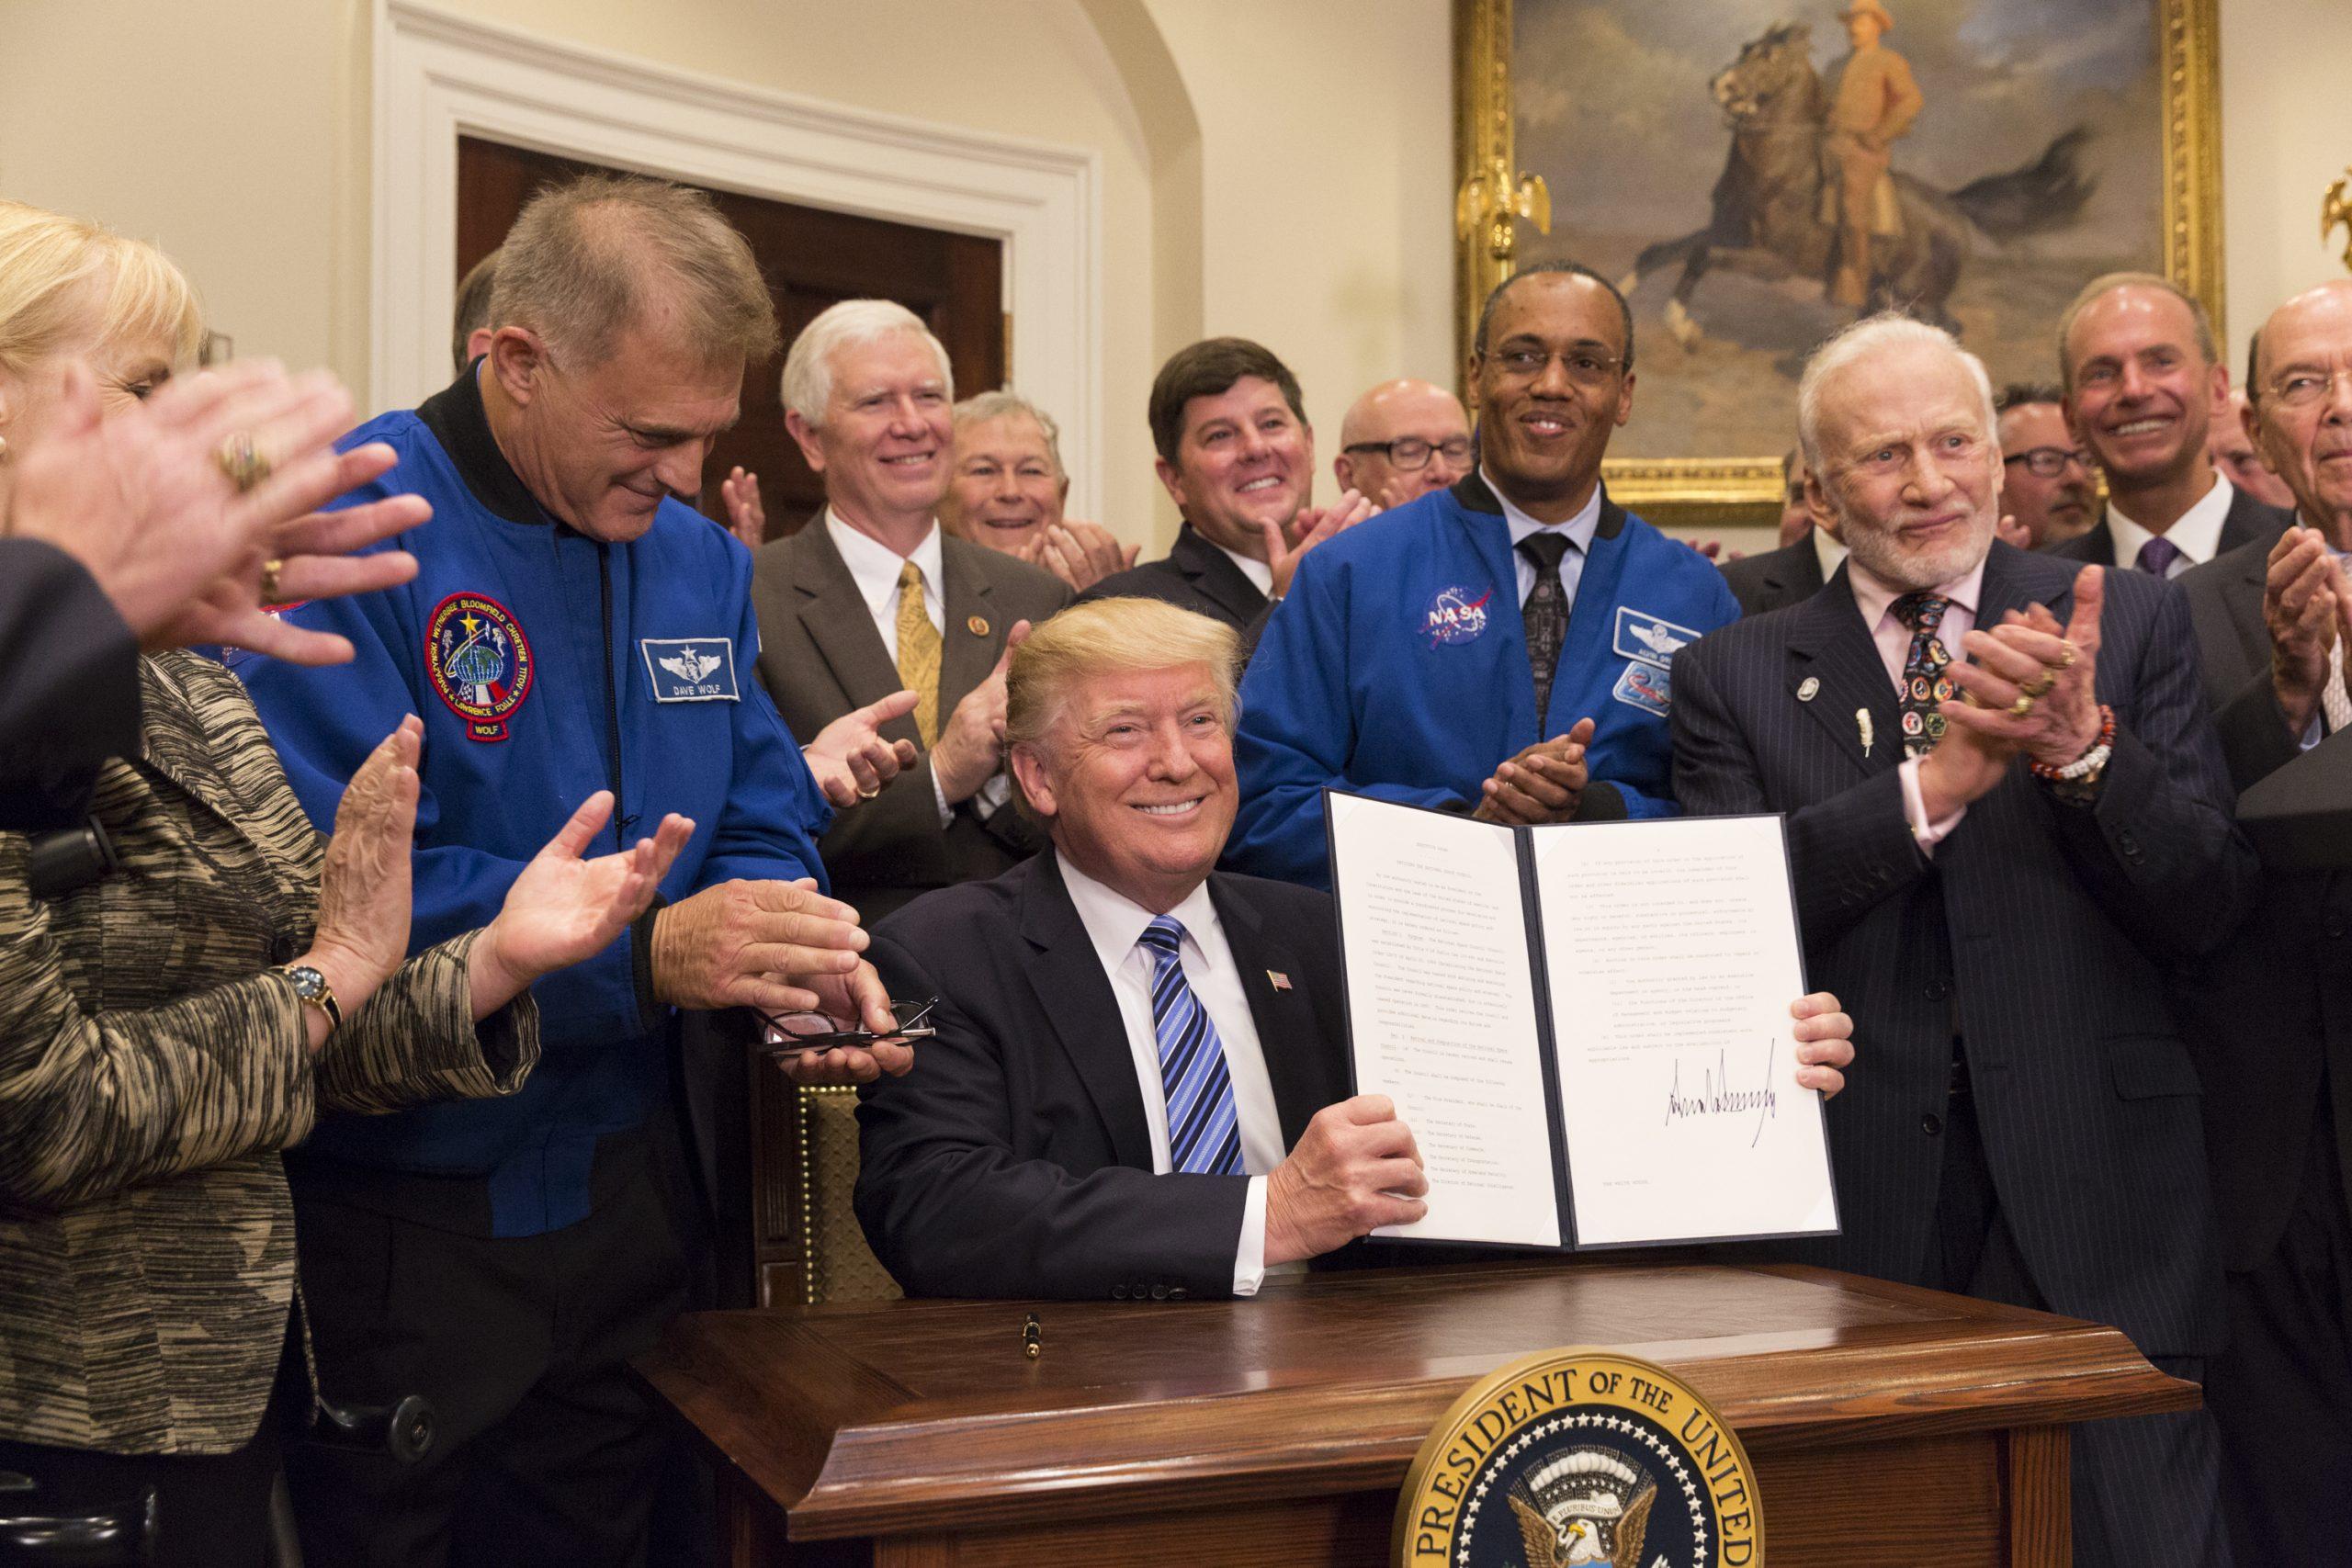 月への回帰、宇宙軍—— トランプ政権の宇宙政策とは 何だったのか?